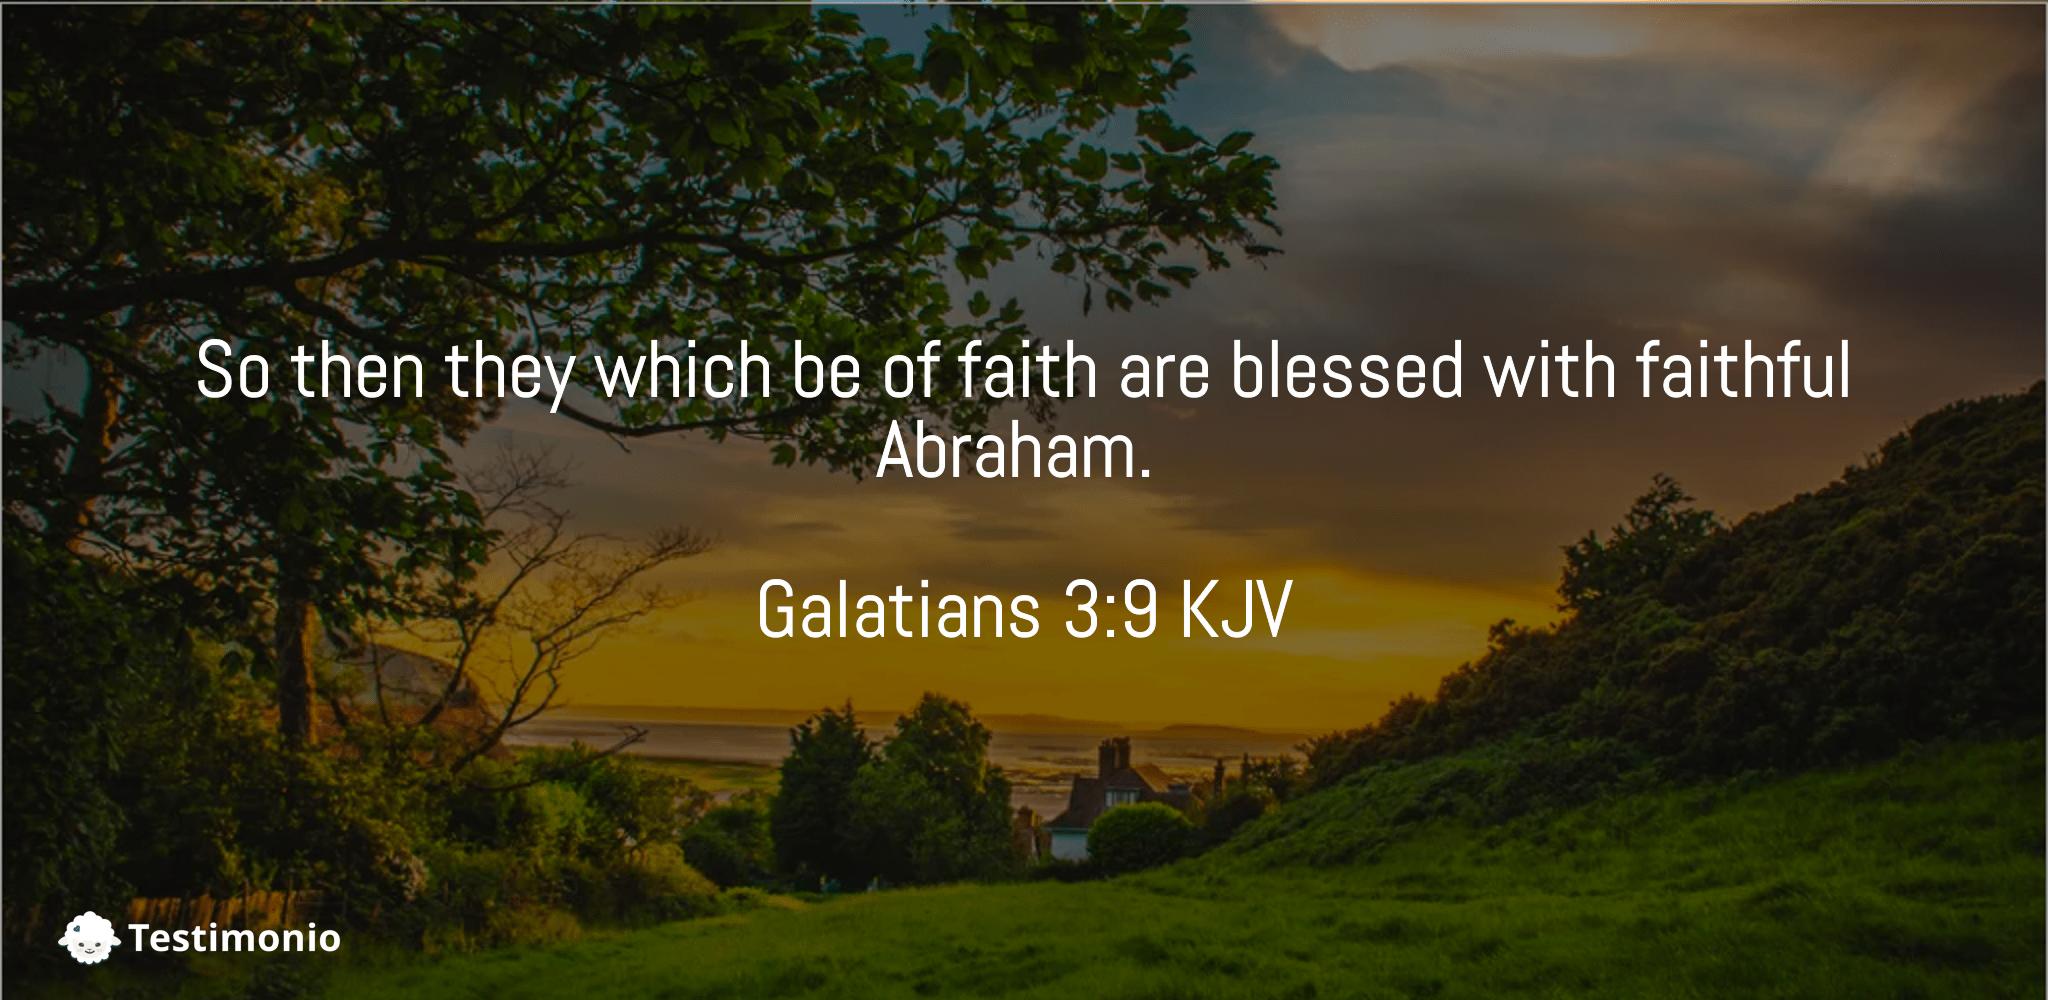 Galatians 3:9